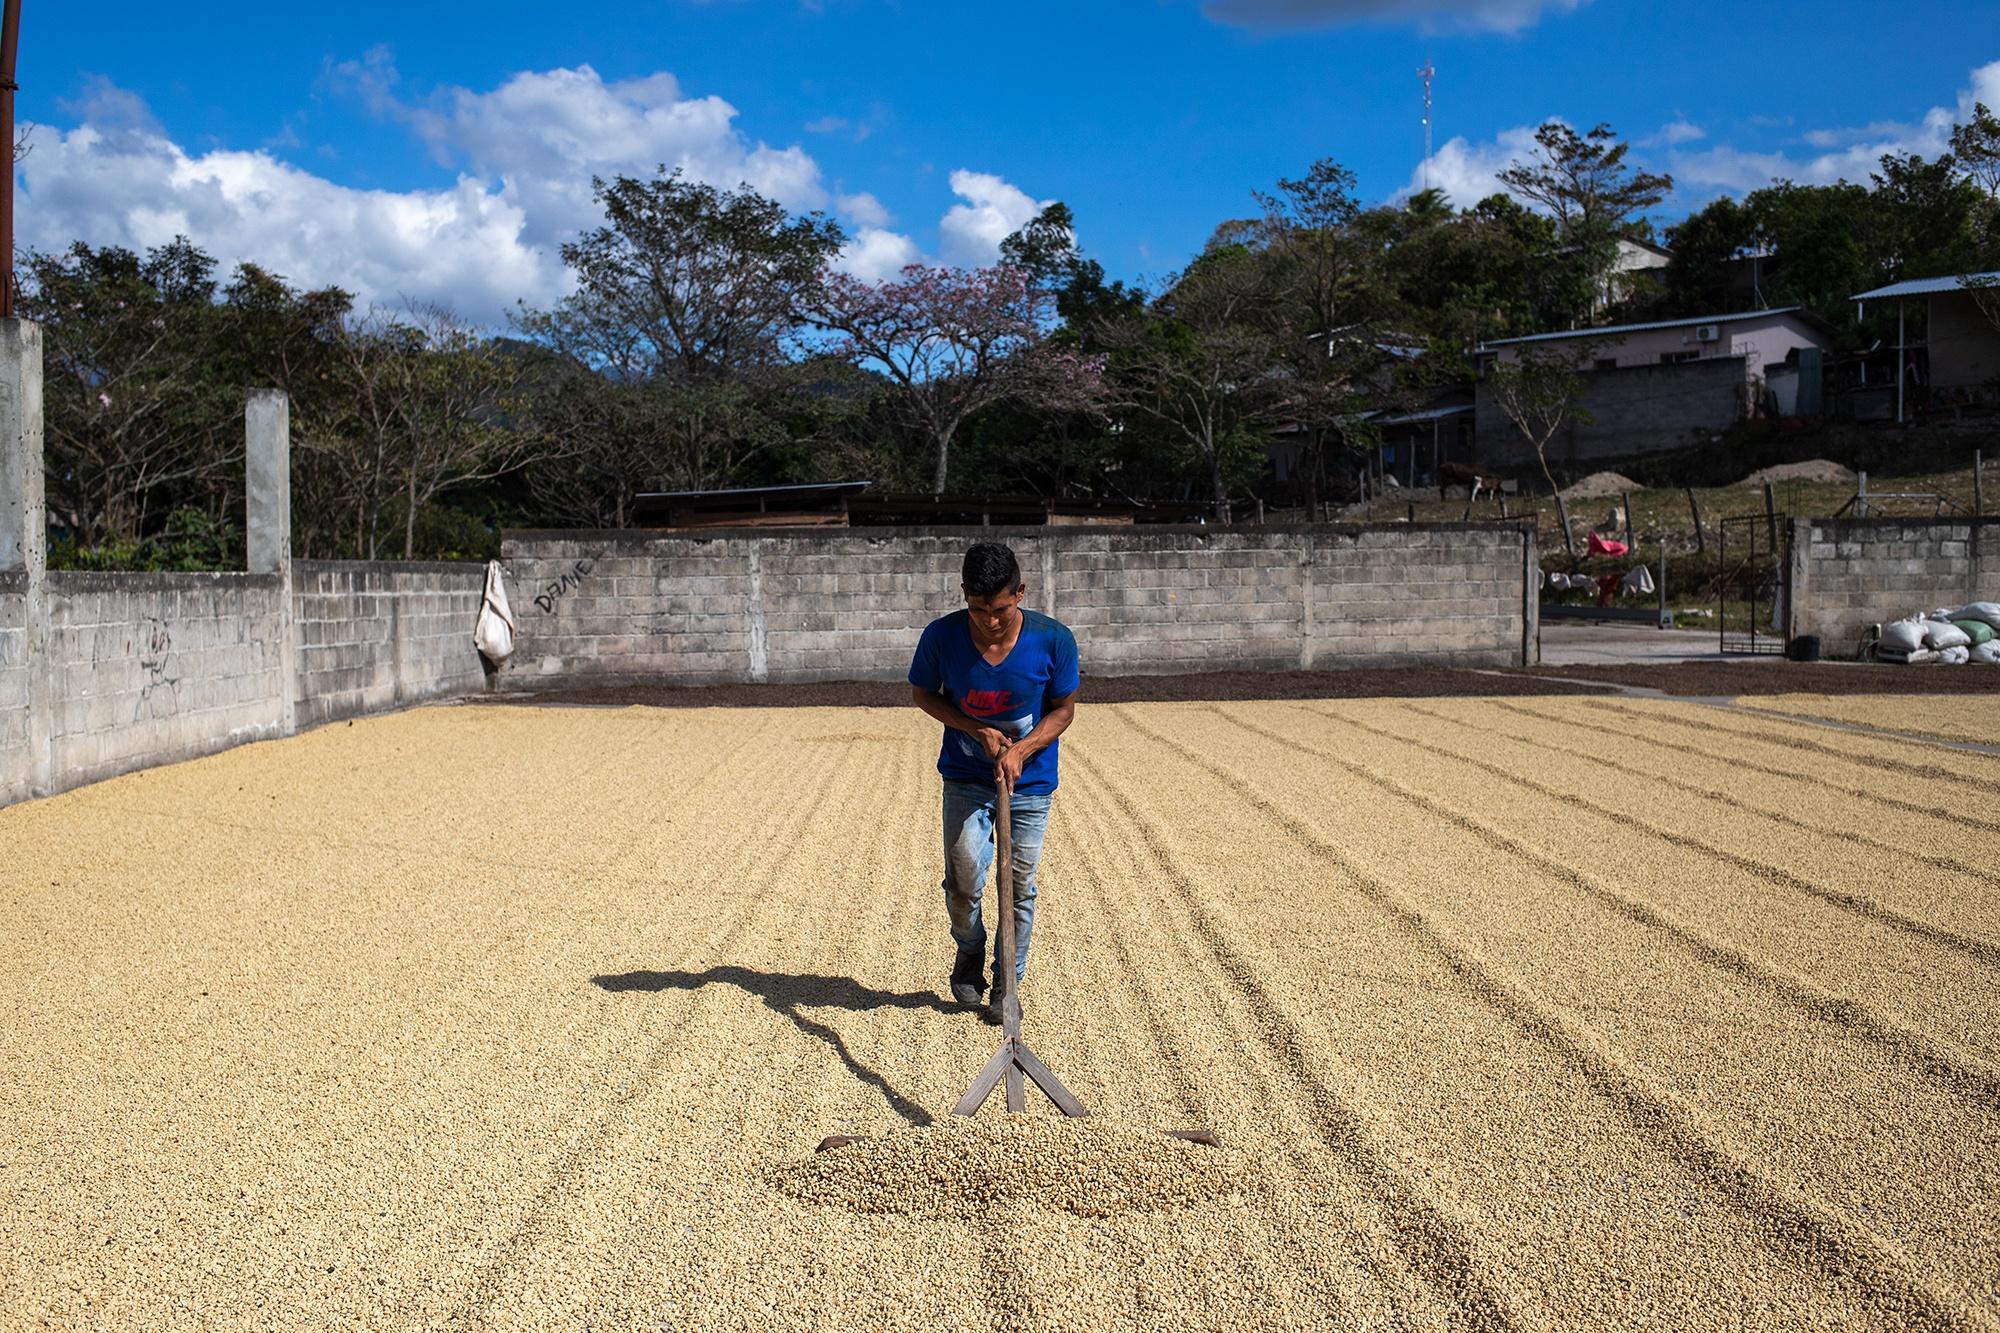 Un joven remueve el grano de café que se seca al sol, este proceso puede extenderse hasta dos semanas. Corquín, Copán, 25 de febrero de 2021. Foto: Martín Cálix.